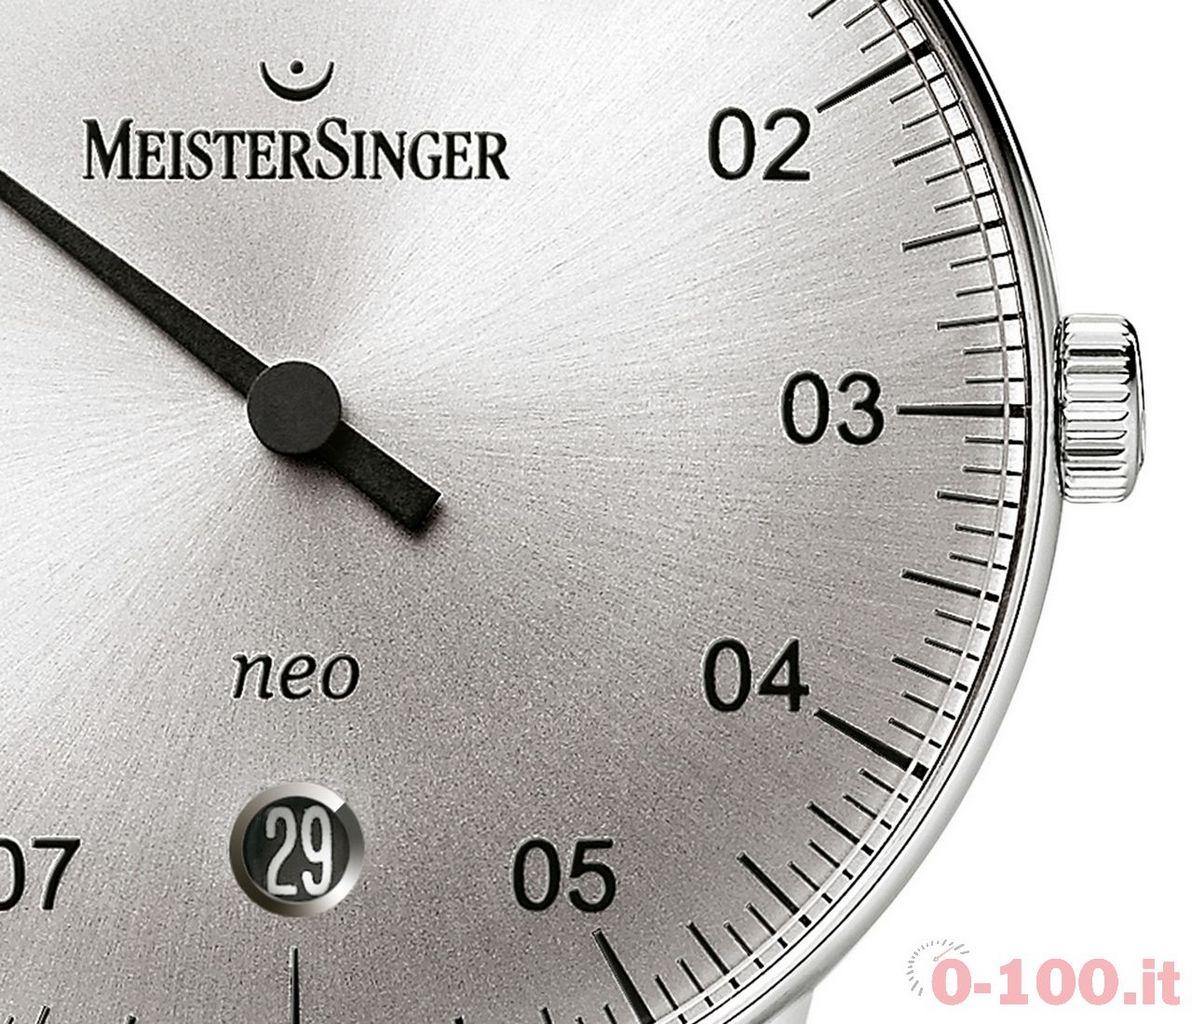 meistersinger-neo-baselworld-2015_0-1002